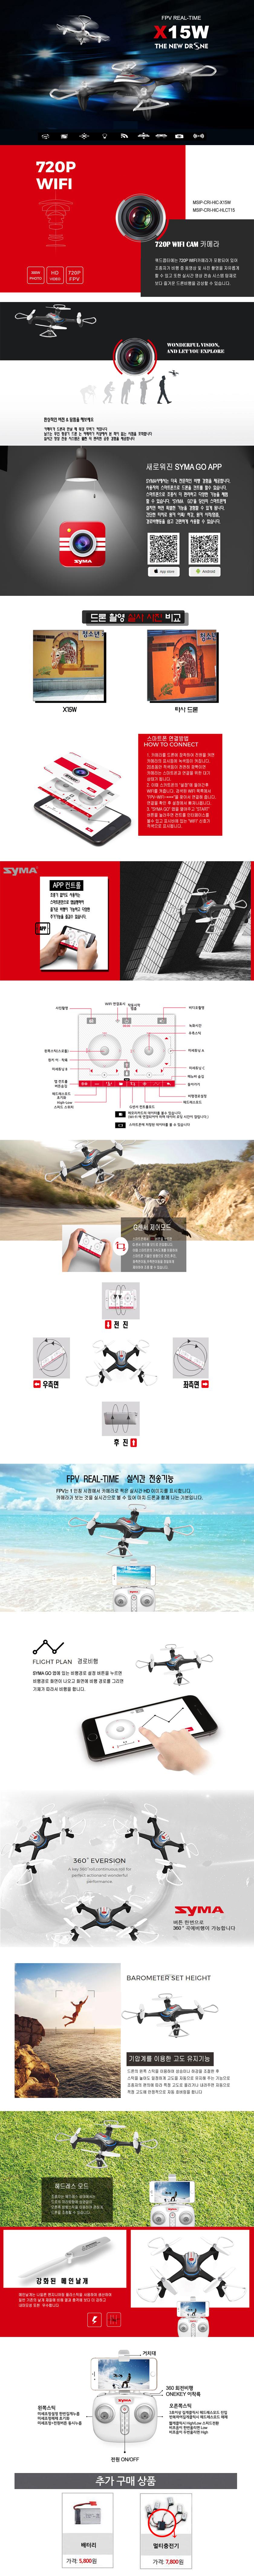 시마드론 X15W/Wifi카메라 포함드론/입문용드론/시마/시마드론/가성비최고/드론교육/드론